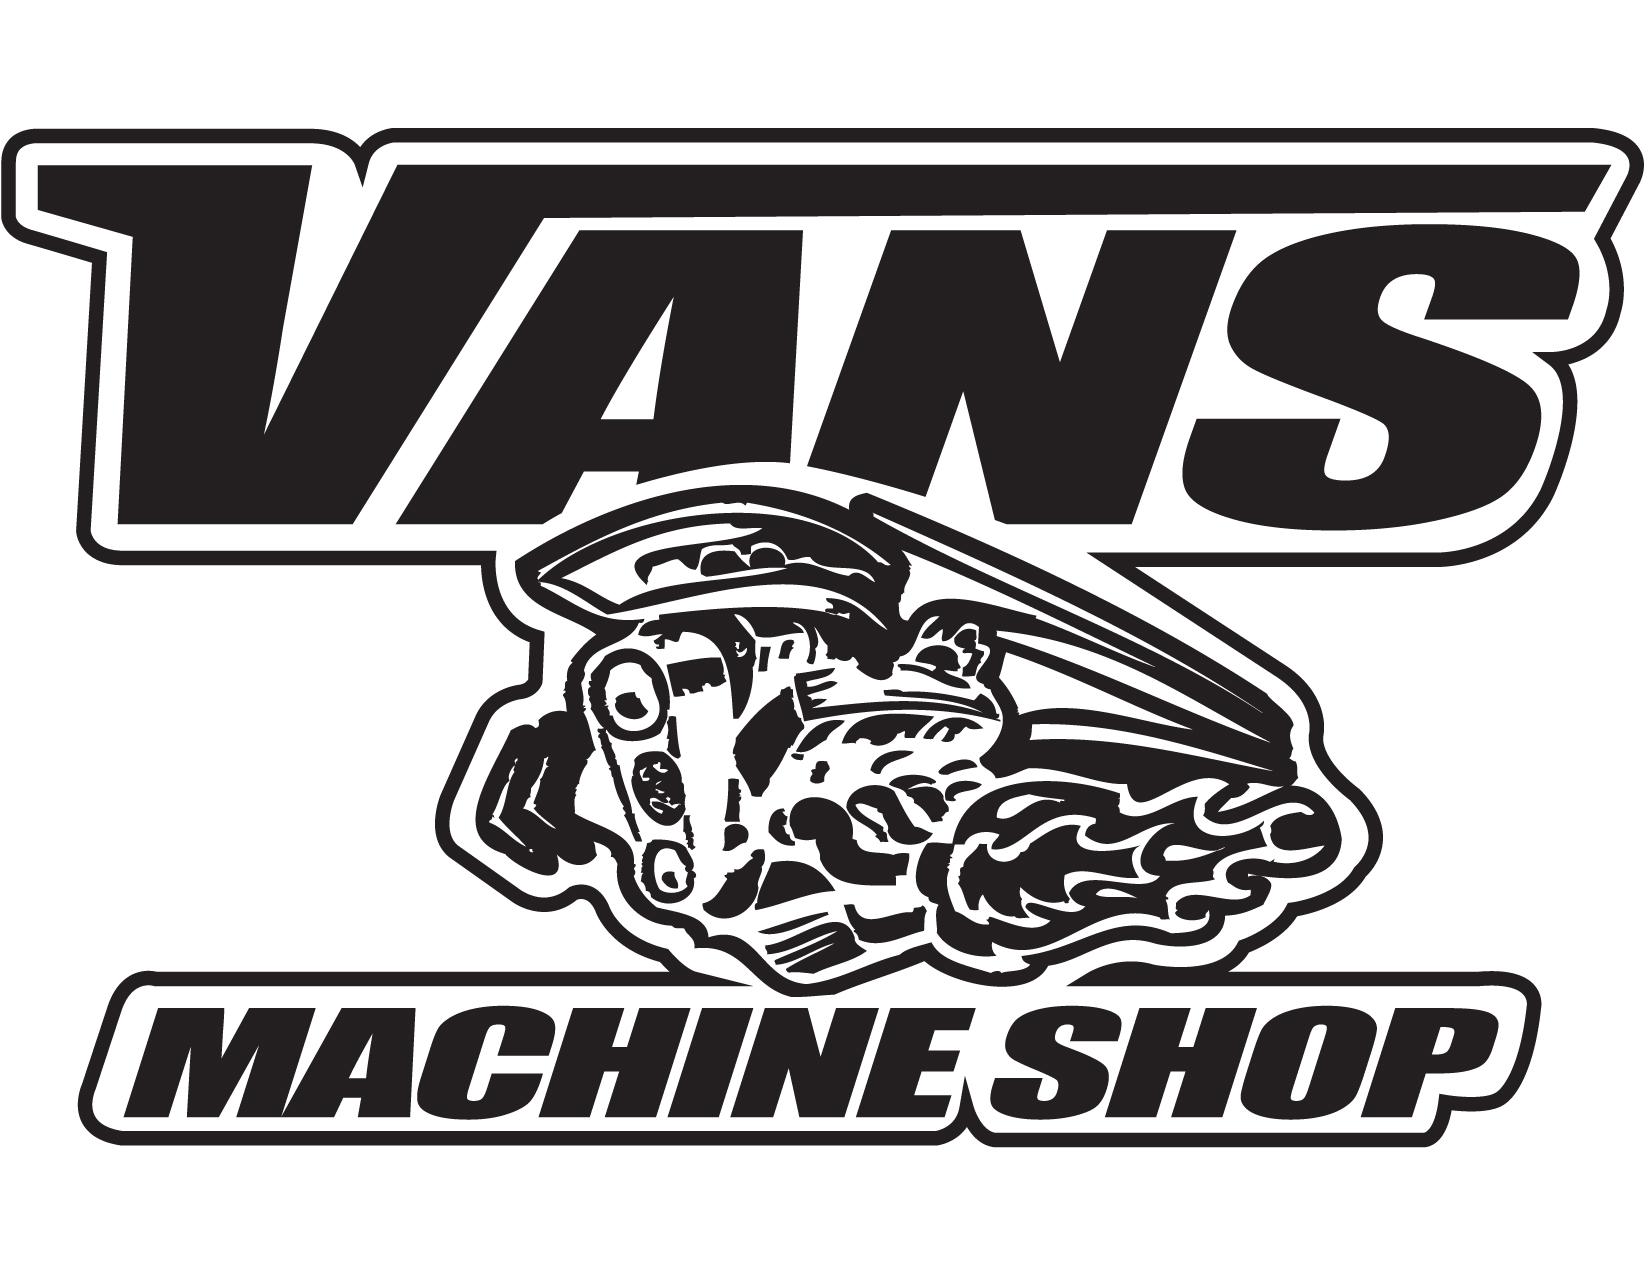 VansMachineShop.jpg